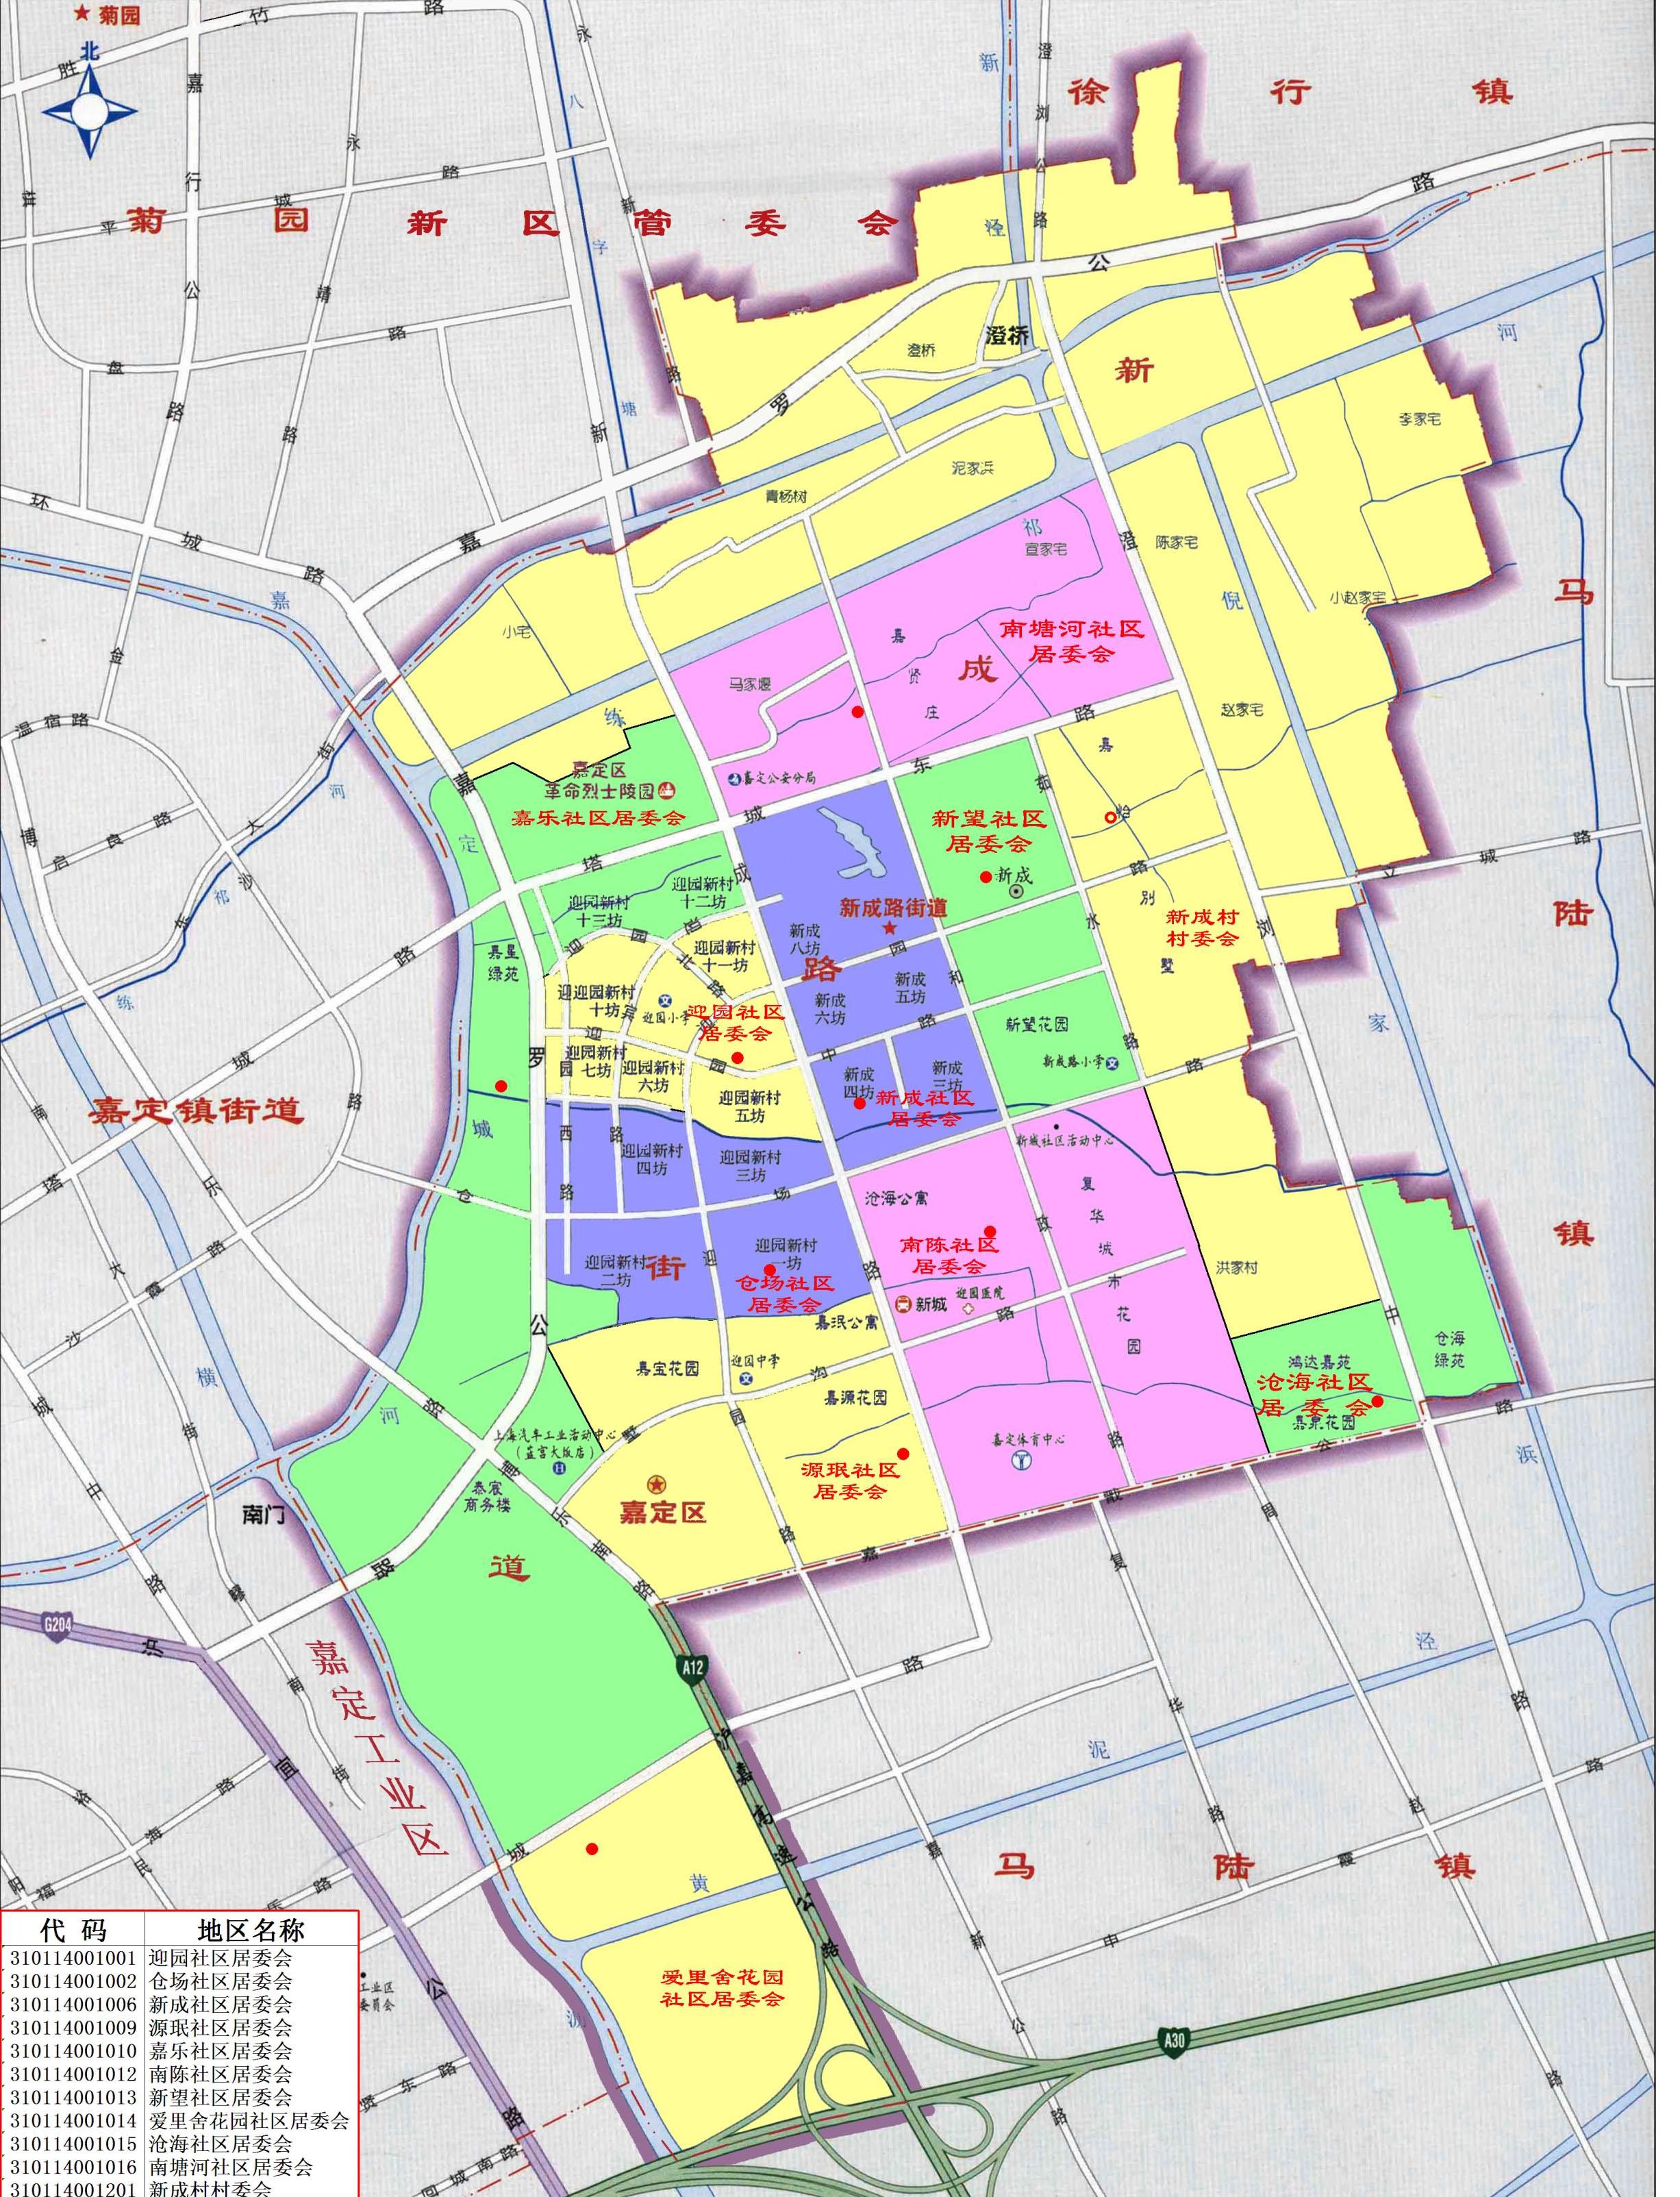 嘉定区新成路街道地图